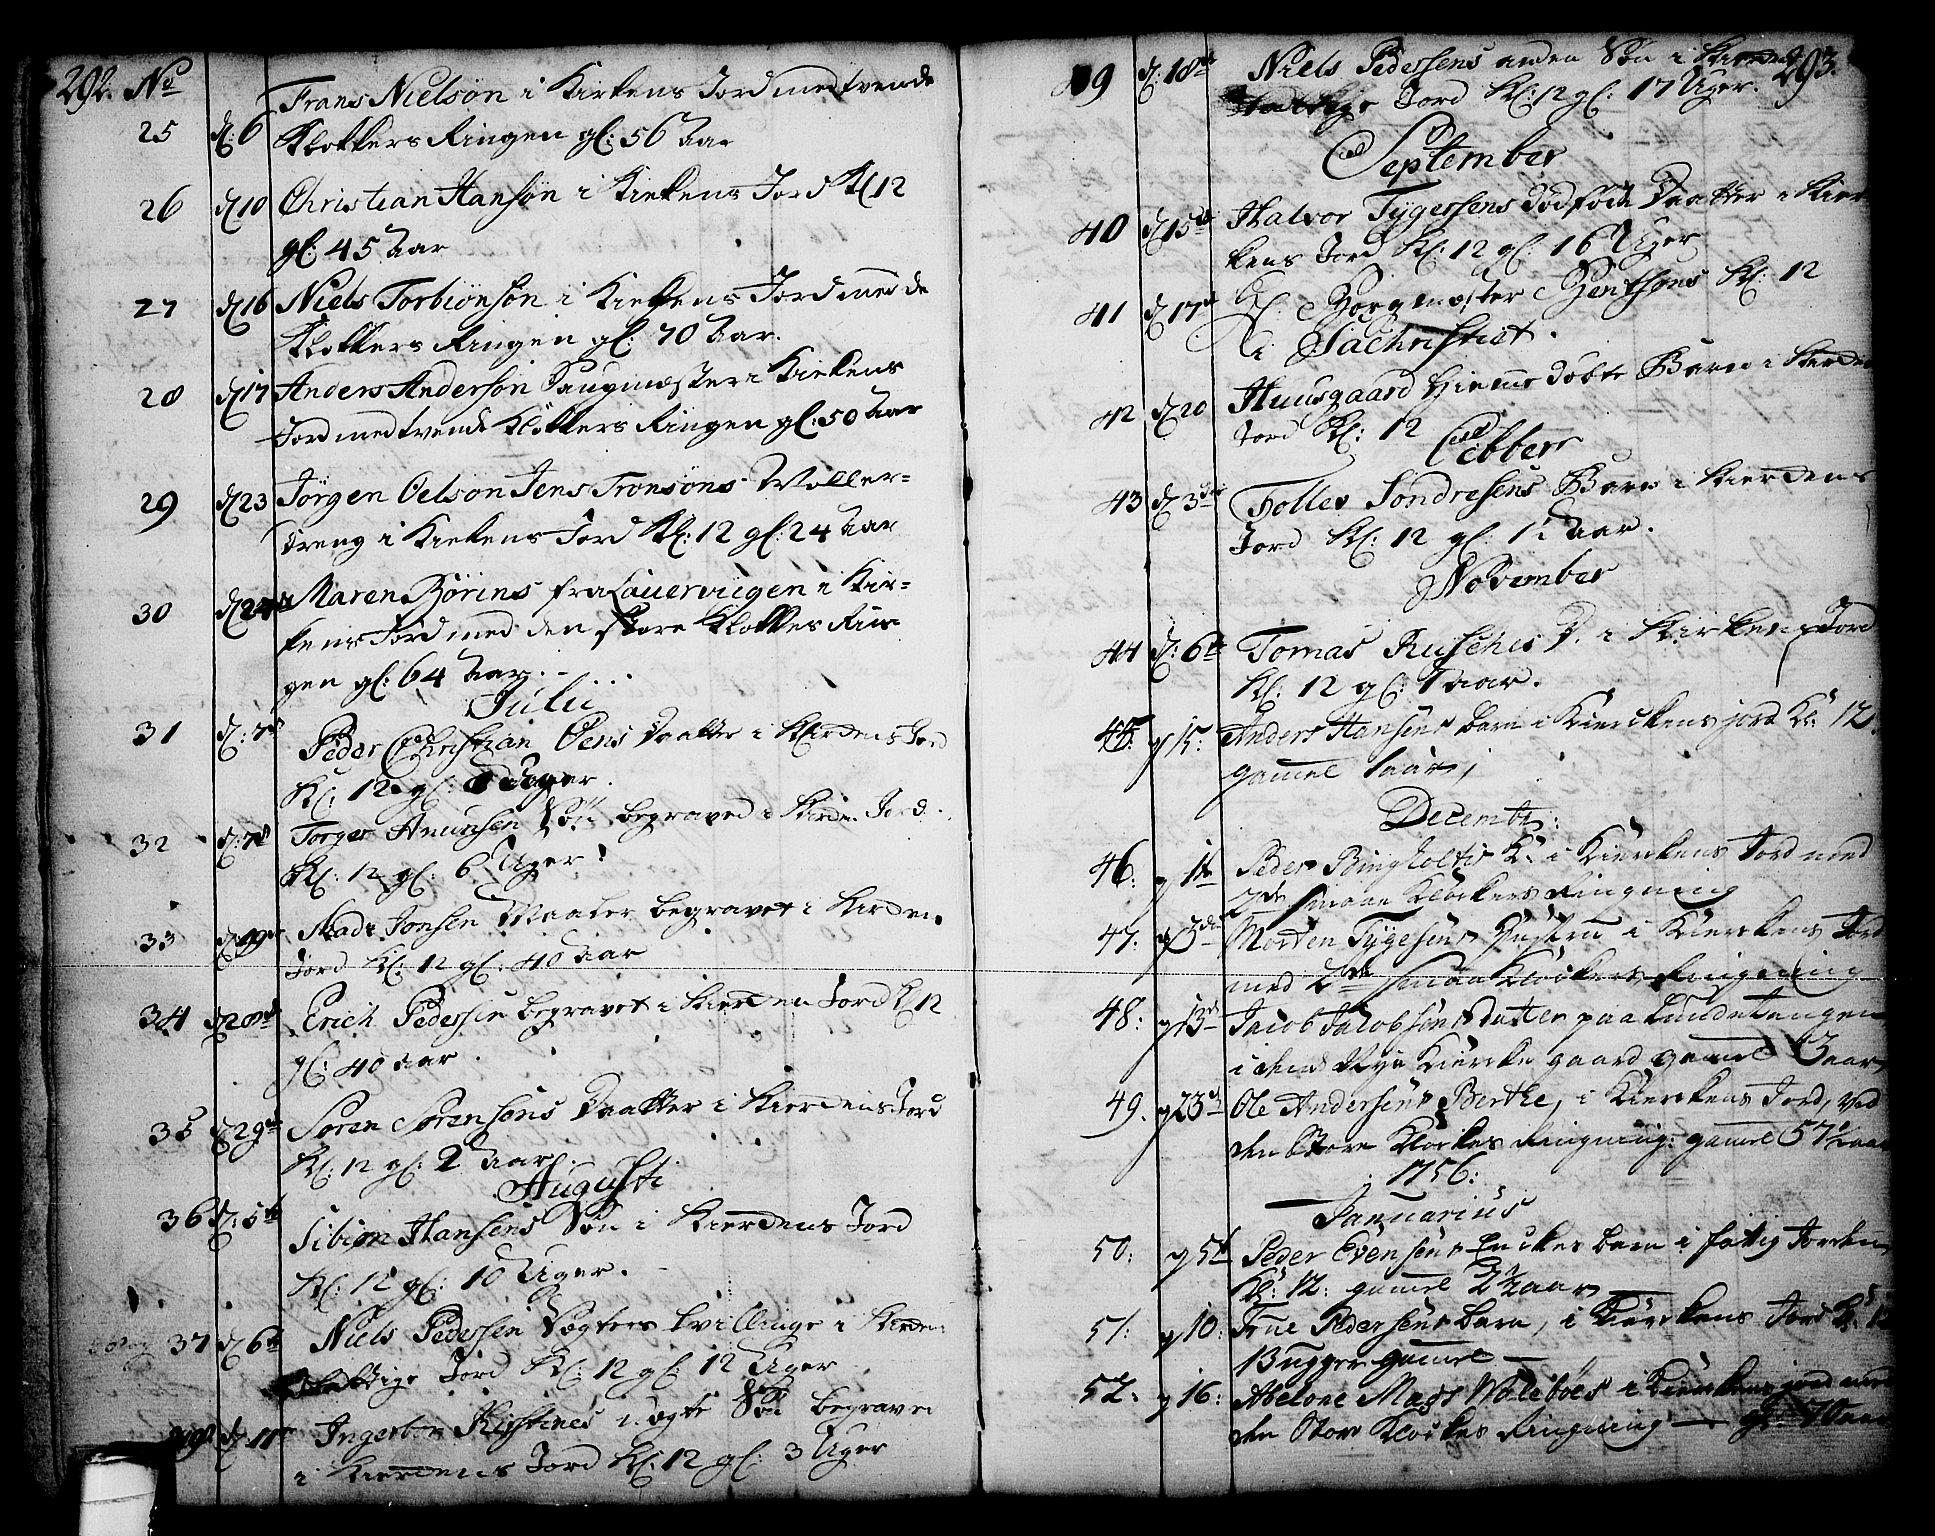 SAKO, Skien kirkebøker, F/Fa/L0003: Ministerialbok nr. 3, 1755-1791, s. 292-293